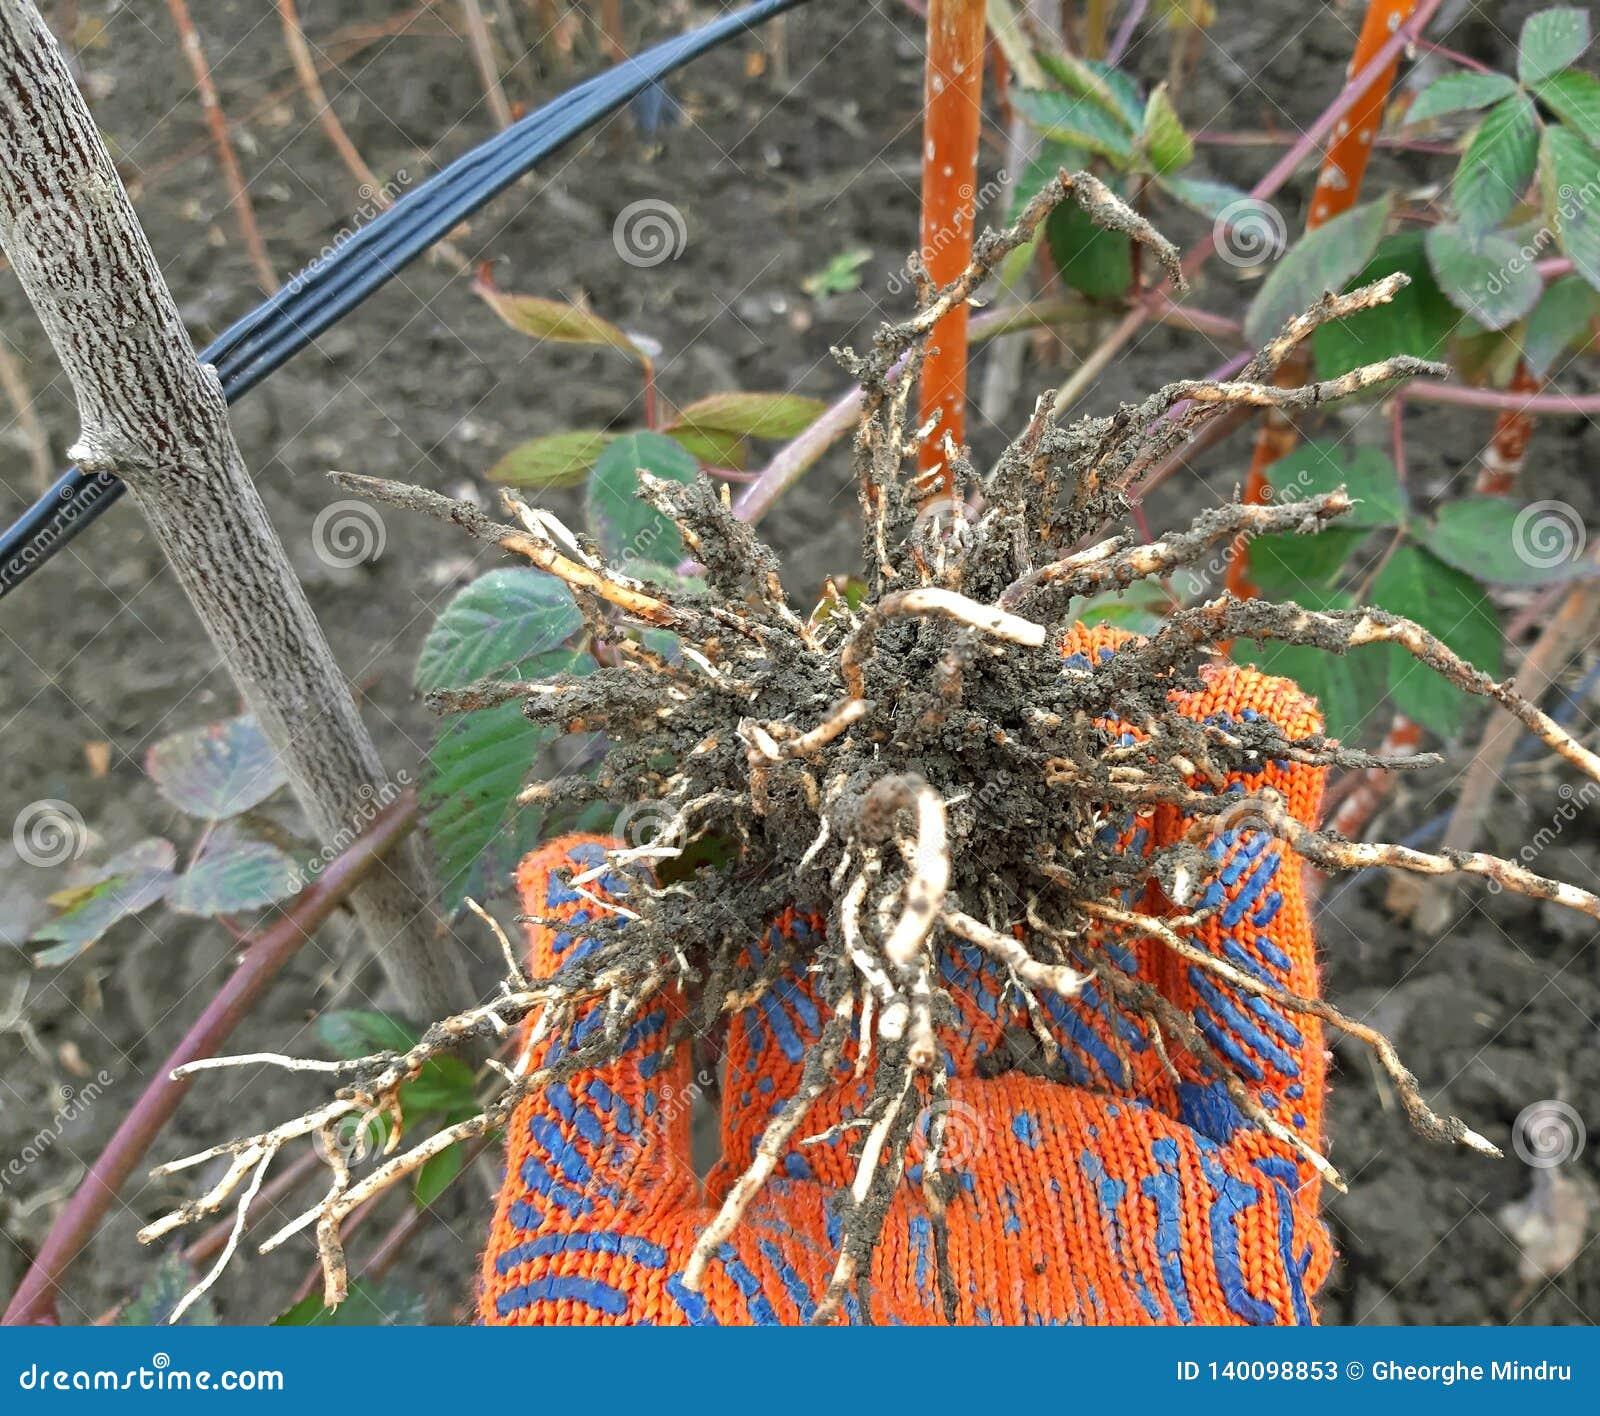 黑莓植物根分层堆积繁殖的